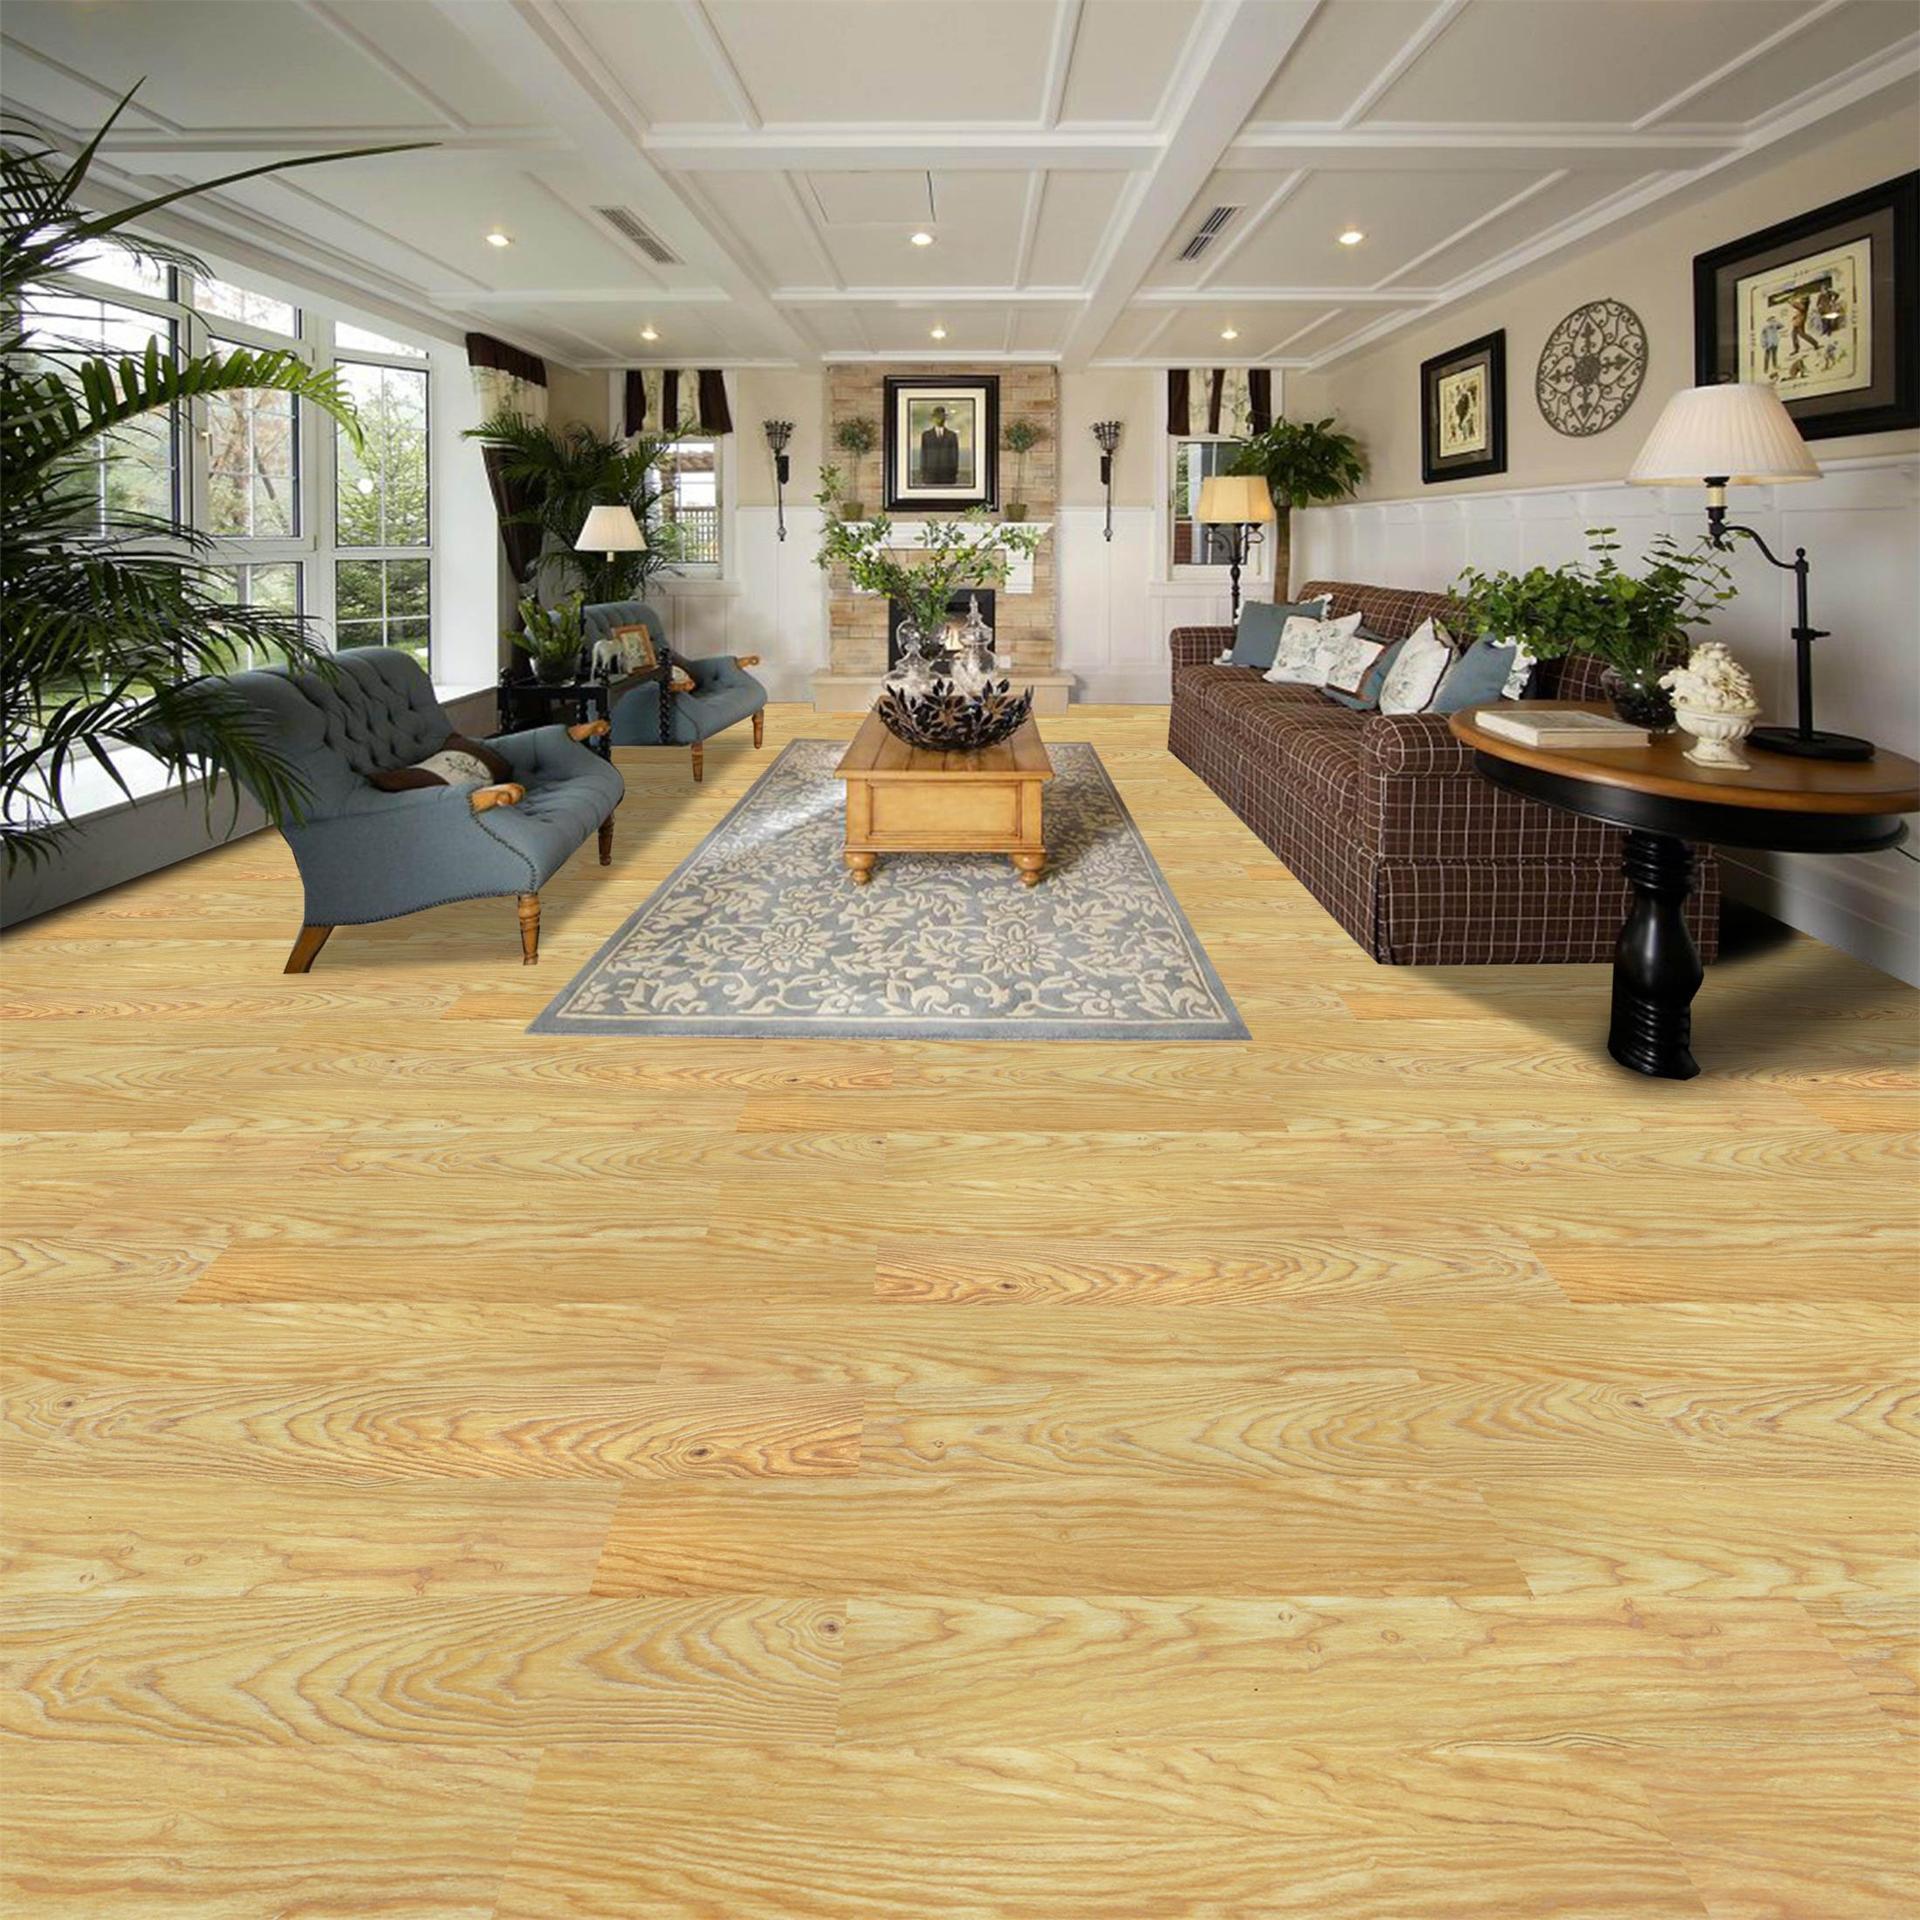 家装塑胶地板的优缺点及购买注意事项